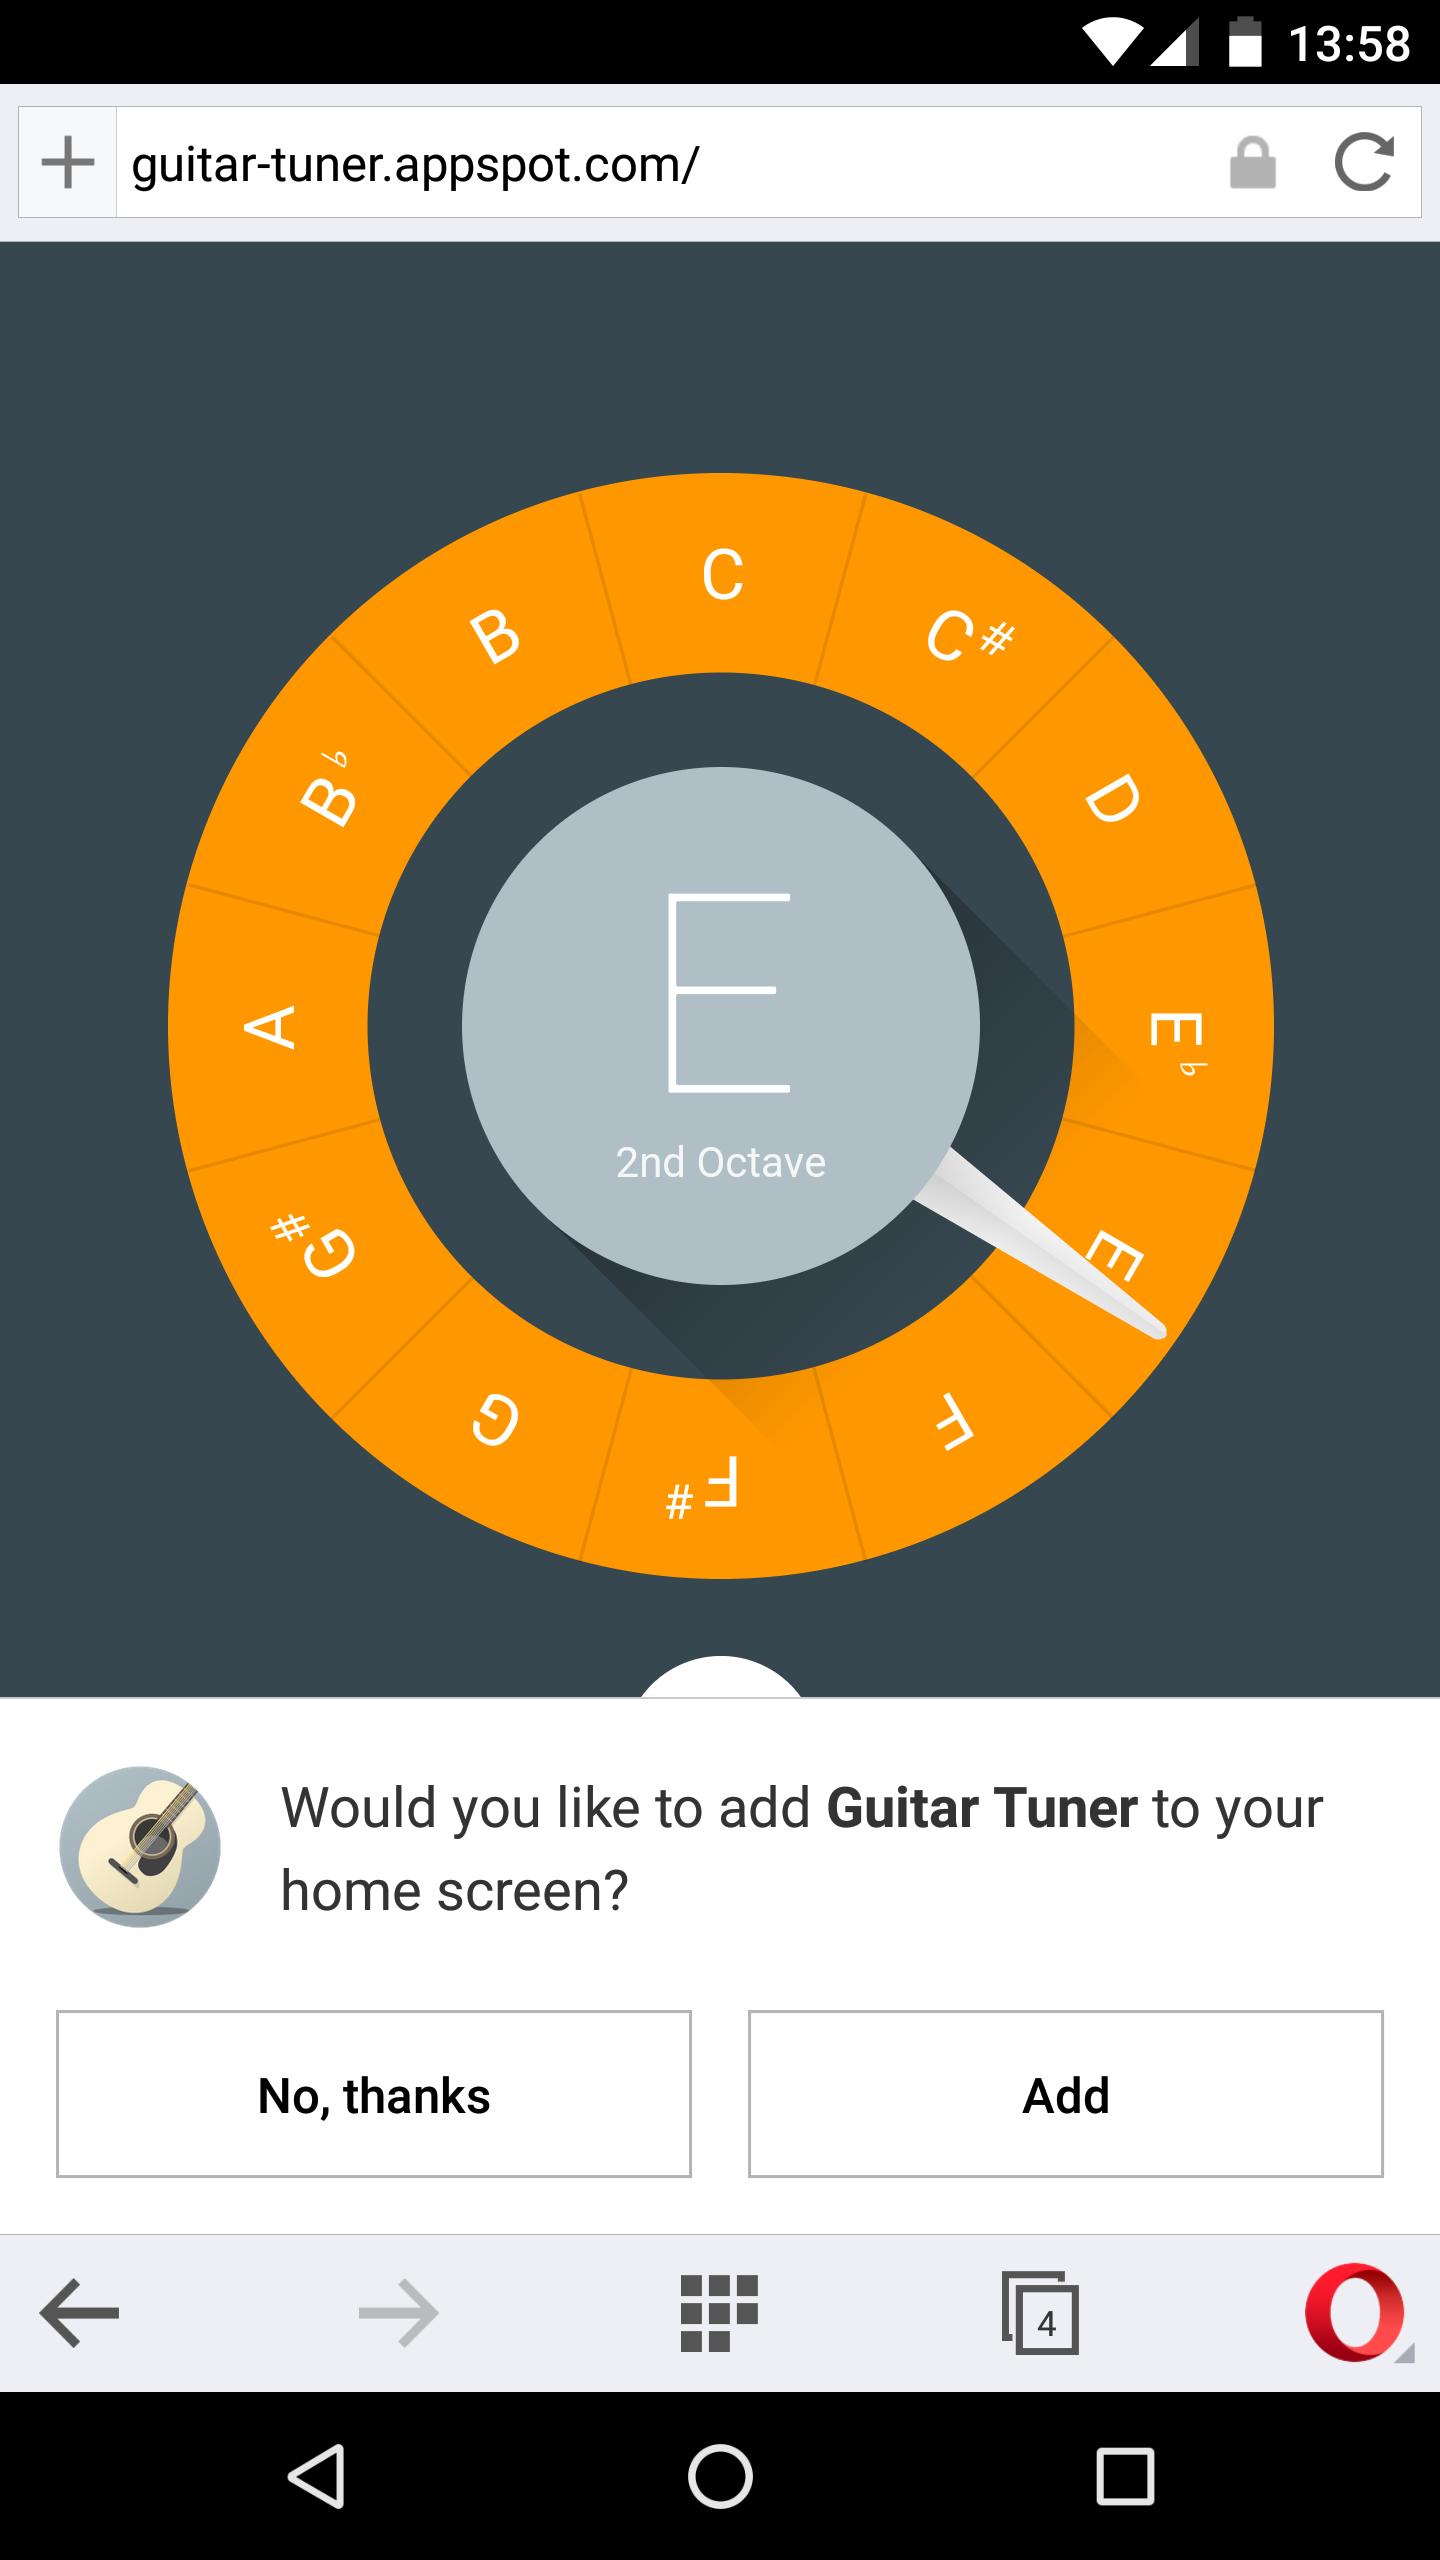 إصدار Opera 36 متاح الآن على متجر بلاي بعلامة تبويب جديدة وأكثر